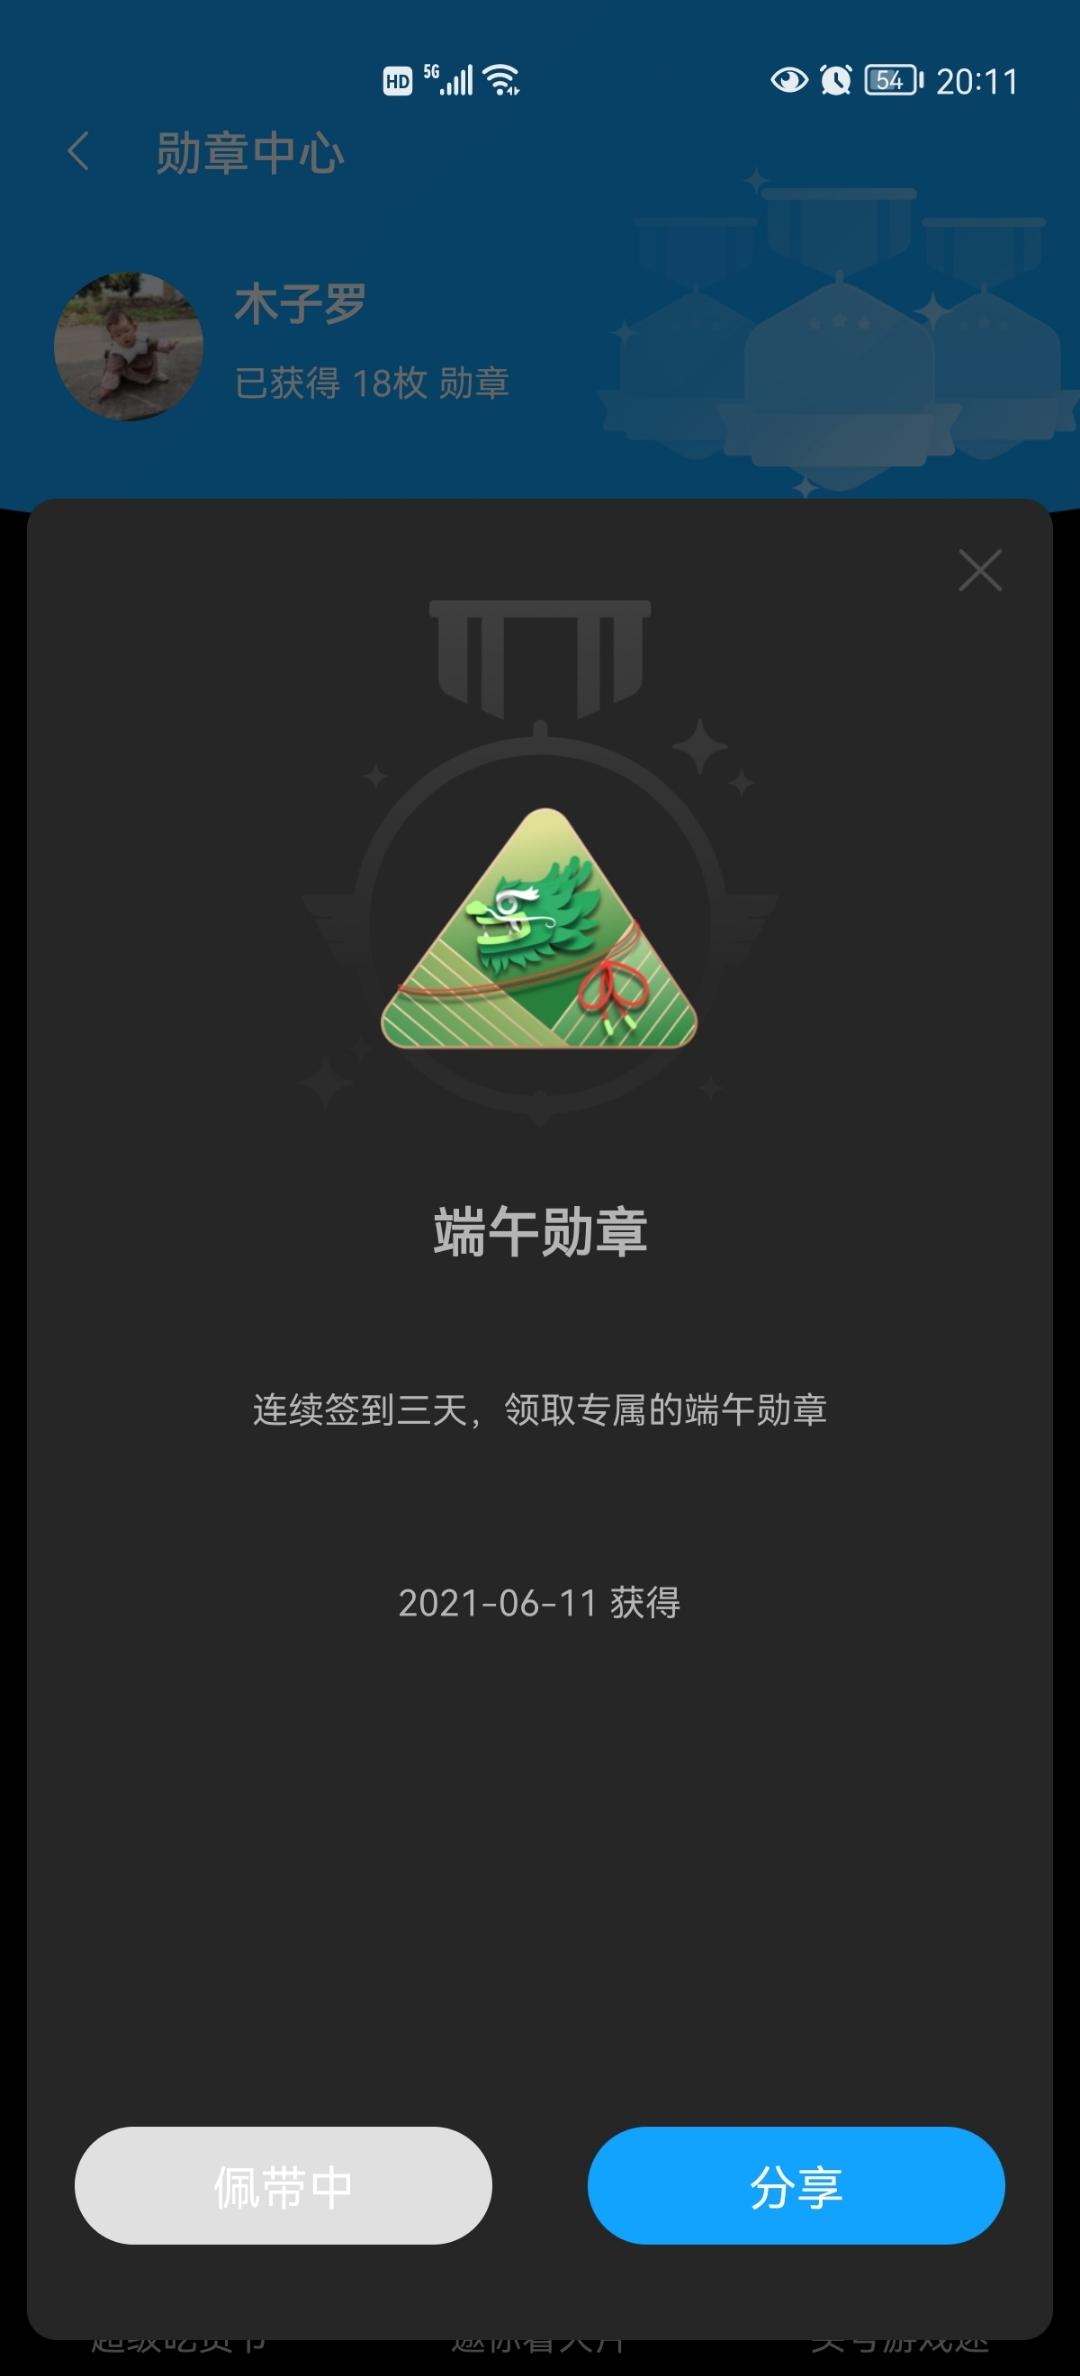 Screenshot_20210611_201114_com.huawei.fans.jpg